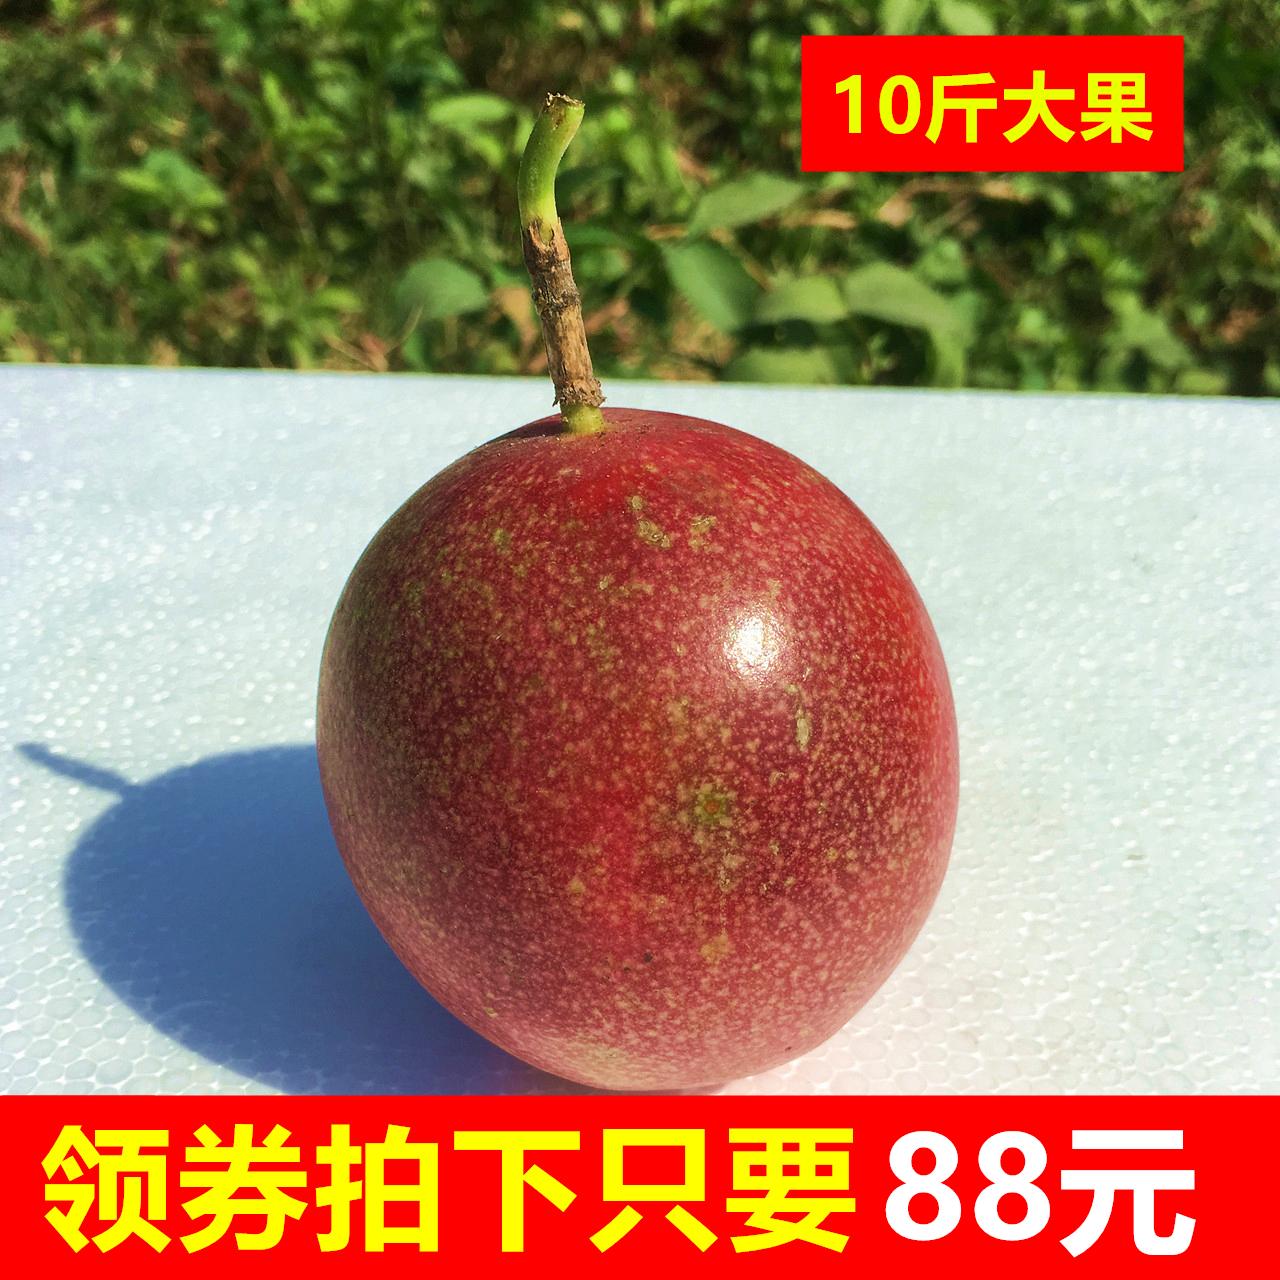 广西新鲜百香果白香果当季孕妇奶茶正品保证